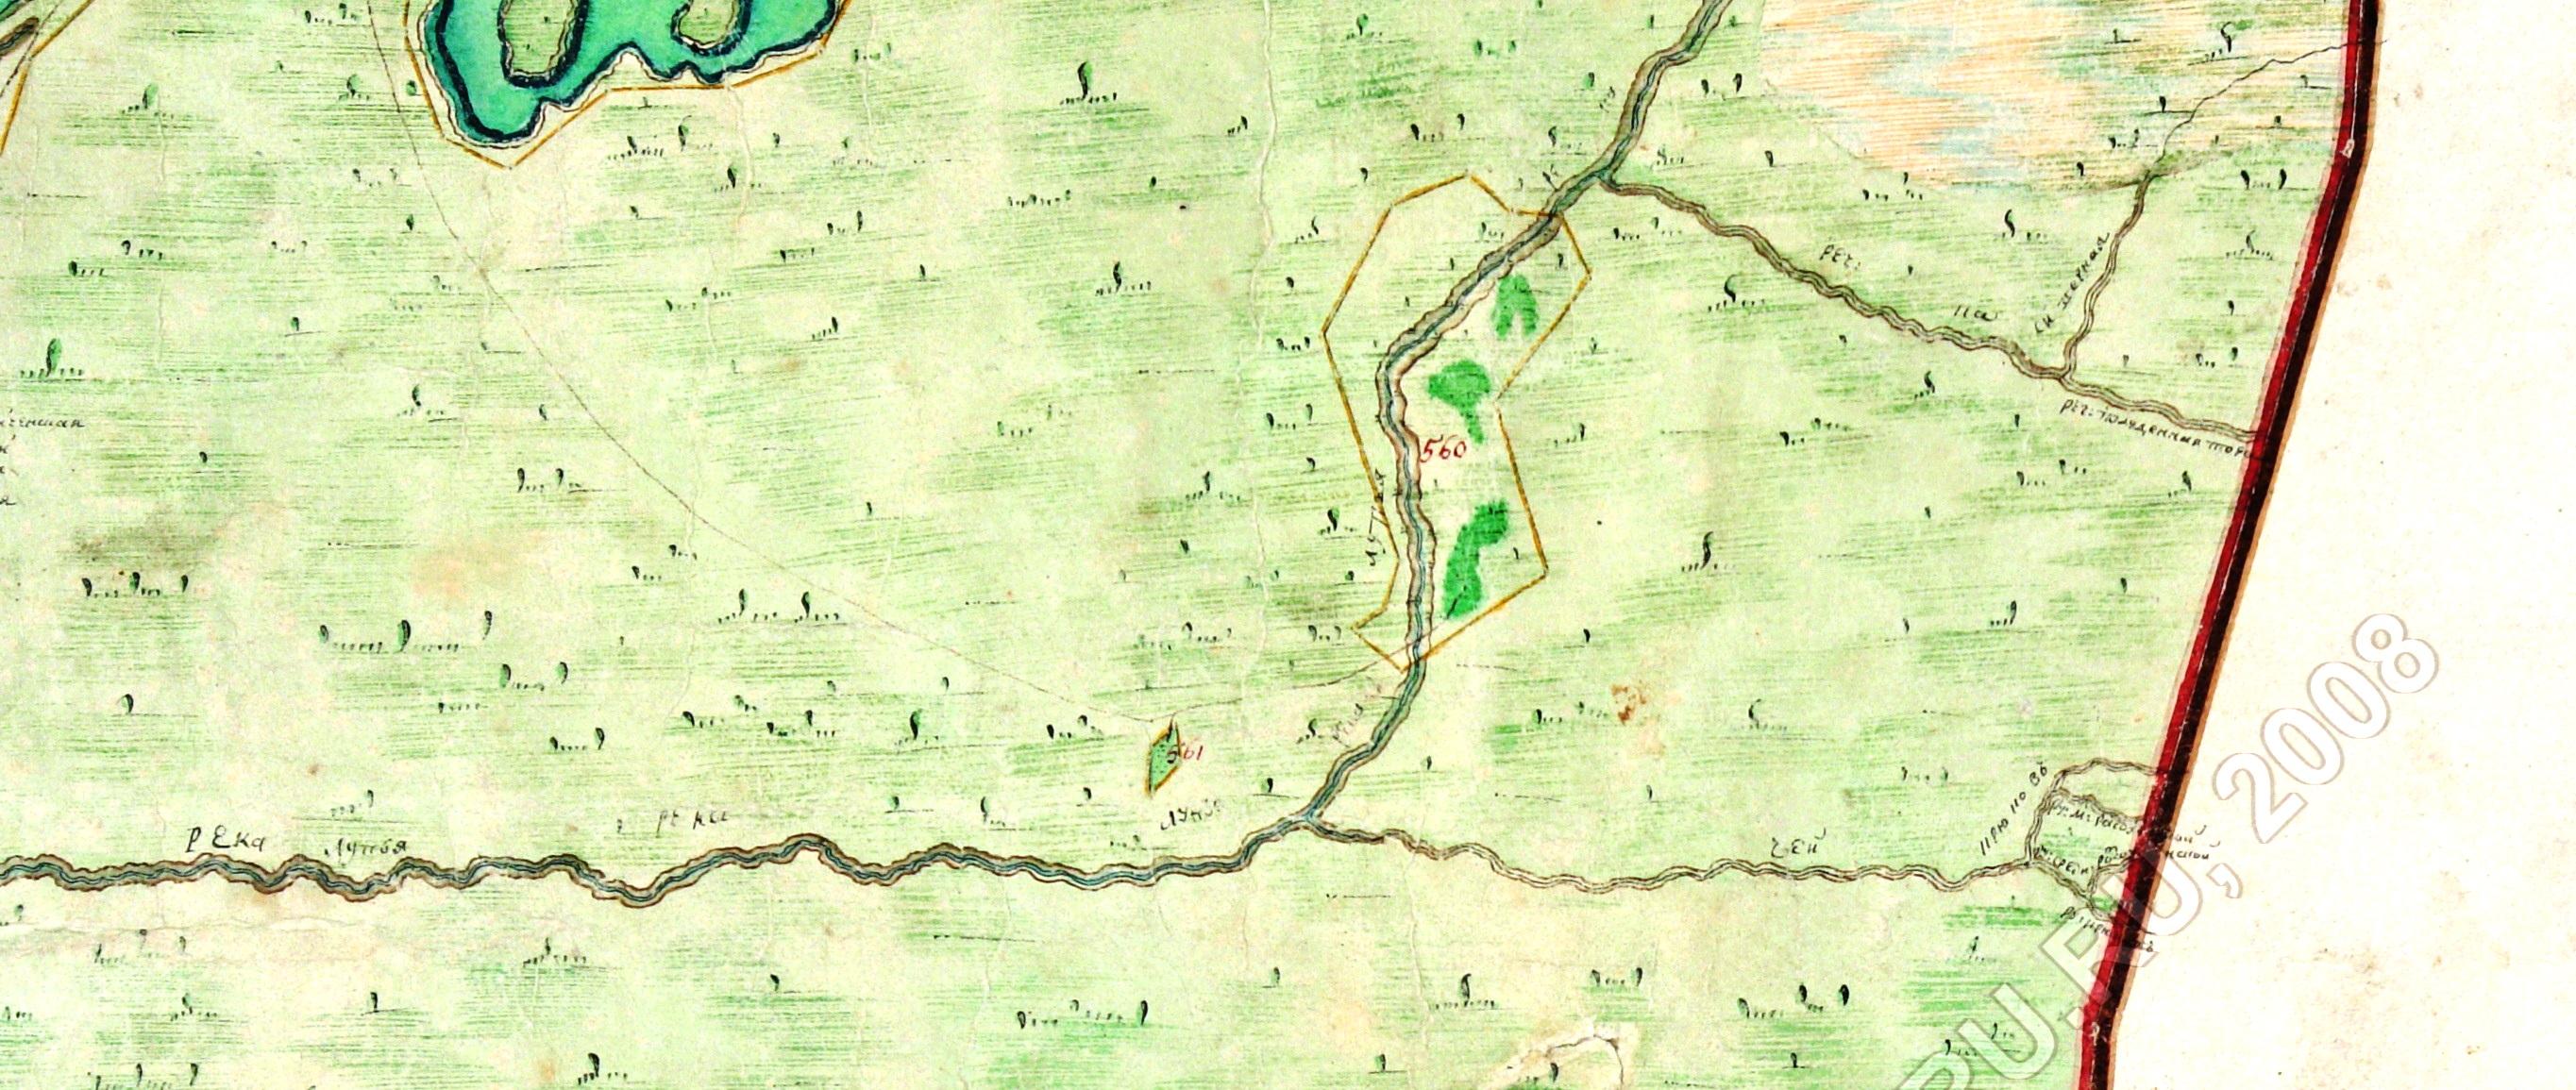 Сольвычегодский уезд ч2-03, дача, РГАДА